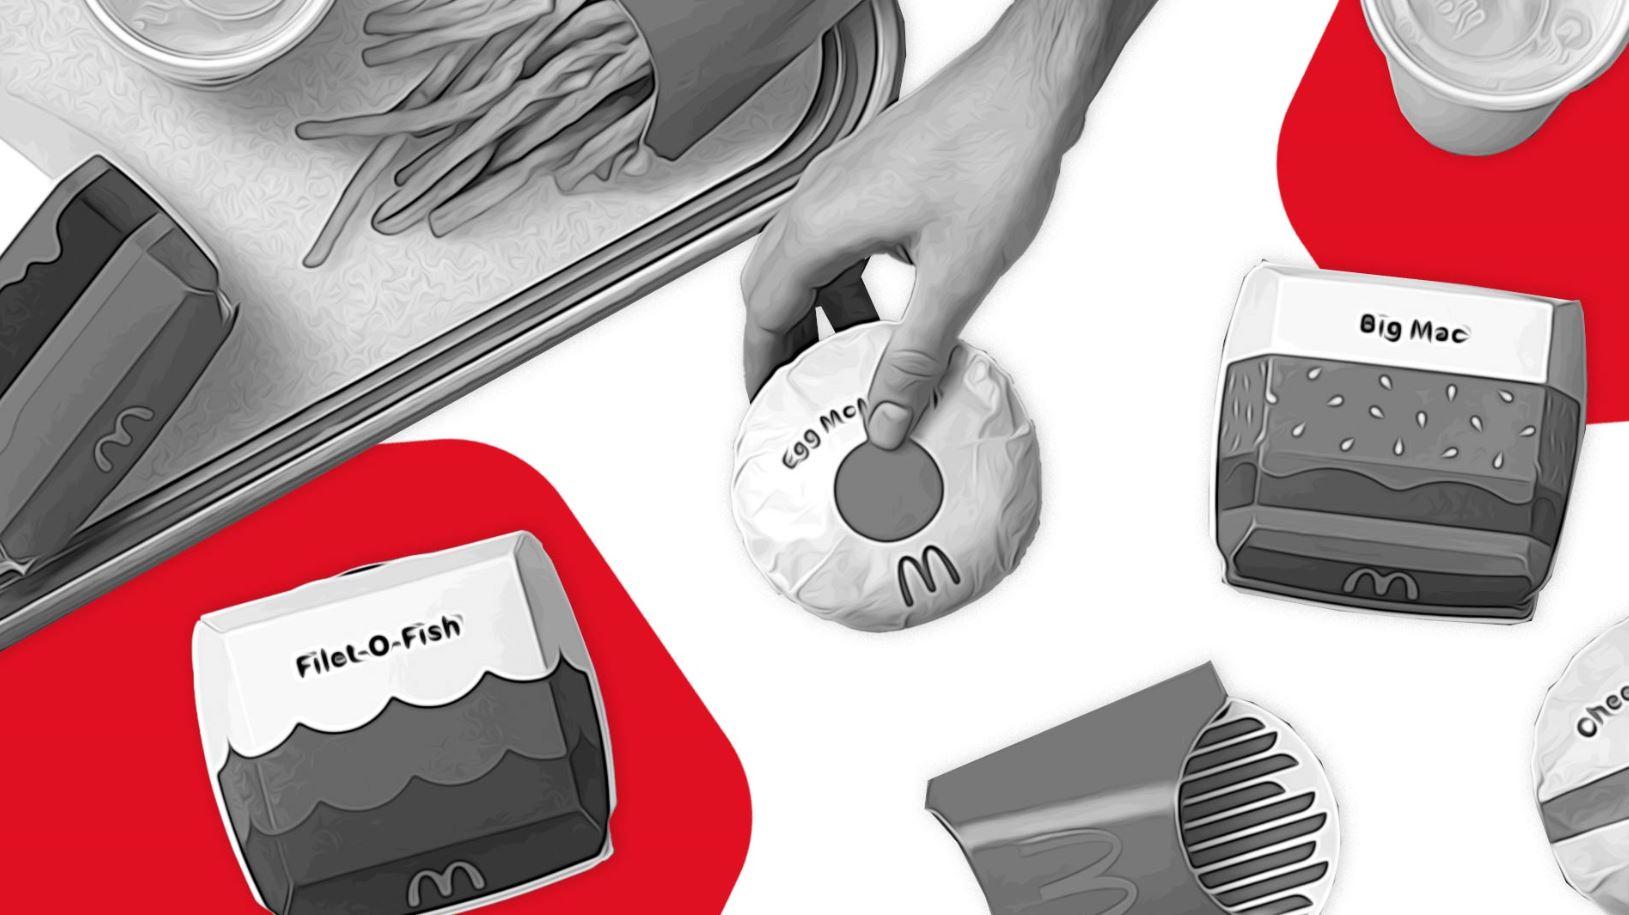 Rebranding di Febbraio: Swarovski, Peugeot, Vaillant, Post-It, Clarins e i redesign di Twitter e McDonald's